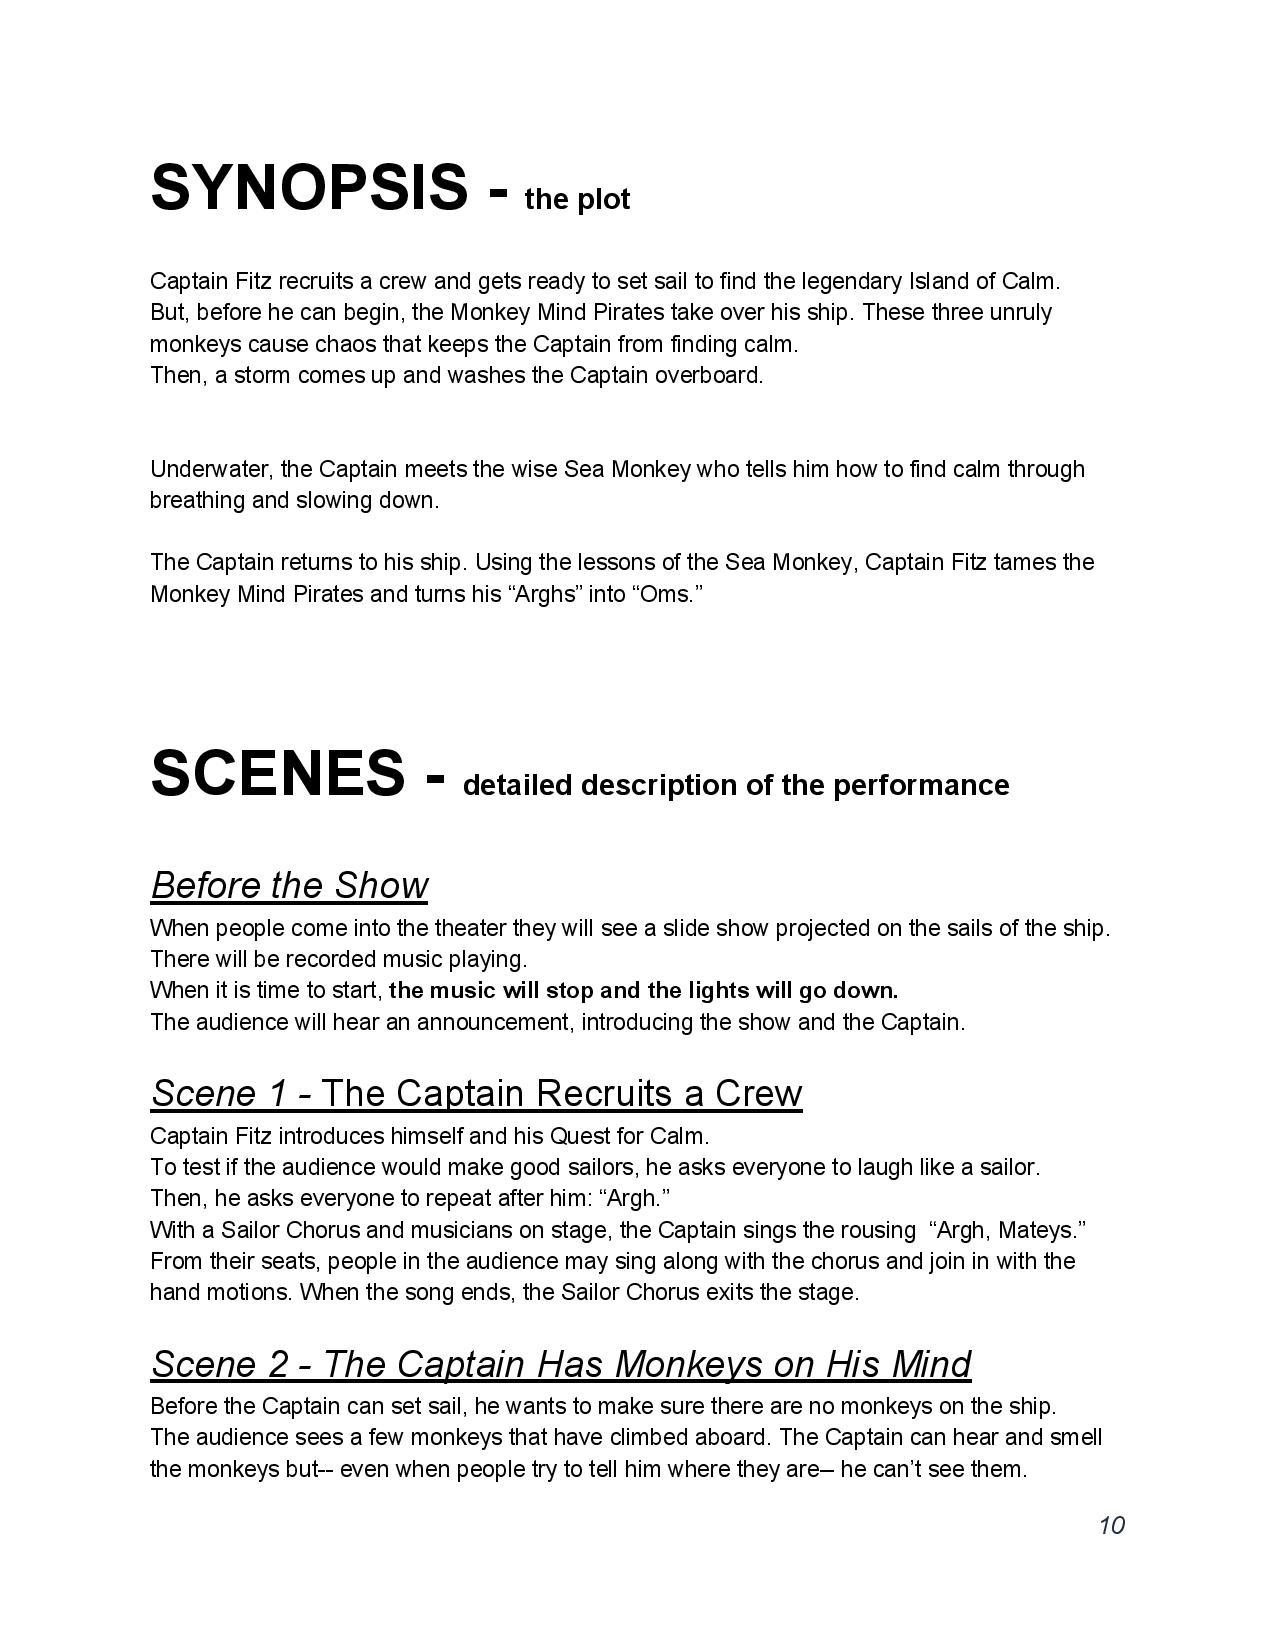 BeforeYouGoMonkeyMindPiratesPerformance_TEMPLATE-page-010.jpg